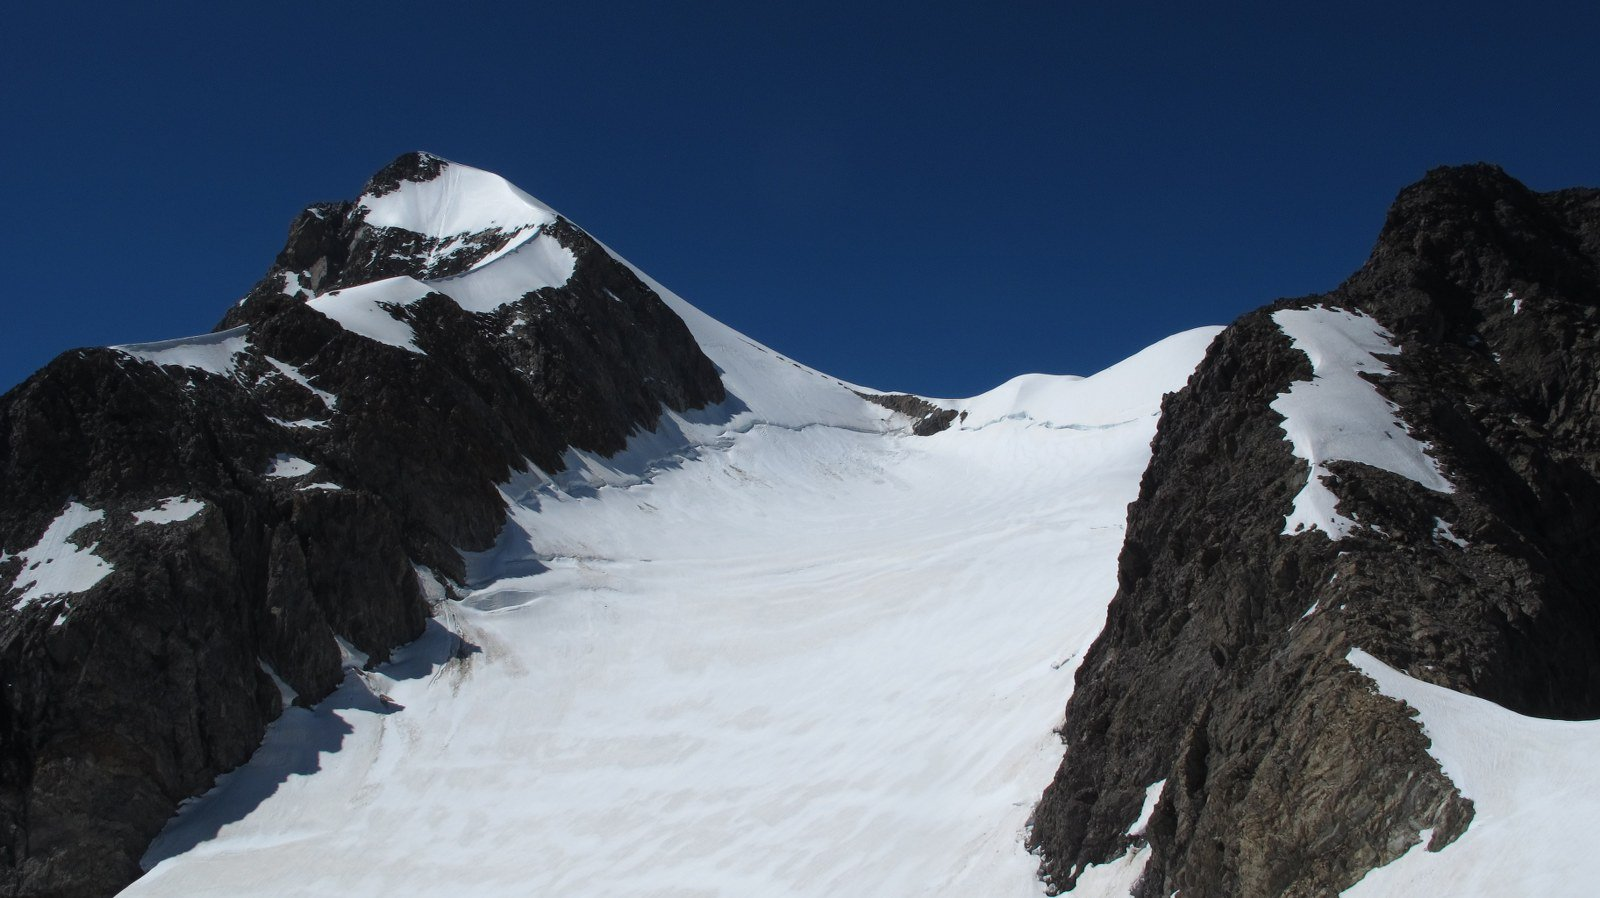 La Trelatete e il ghiacciaio visti dall'imbocco del canale